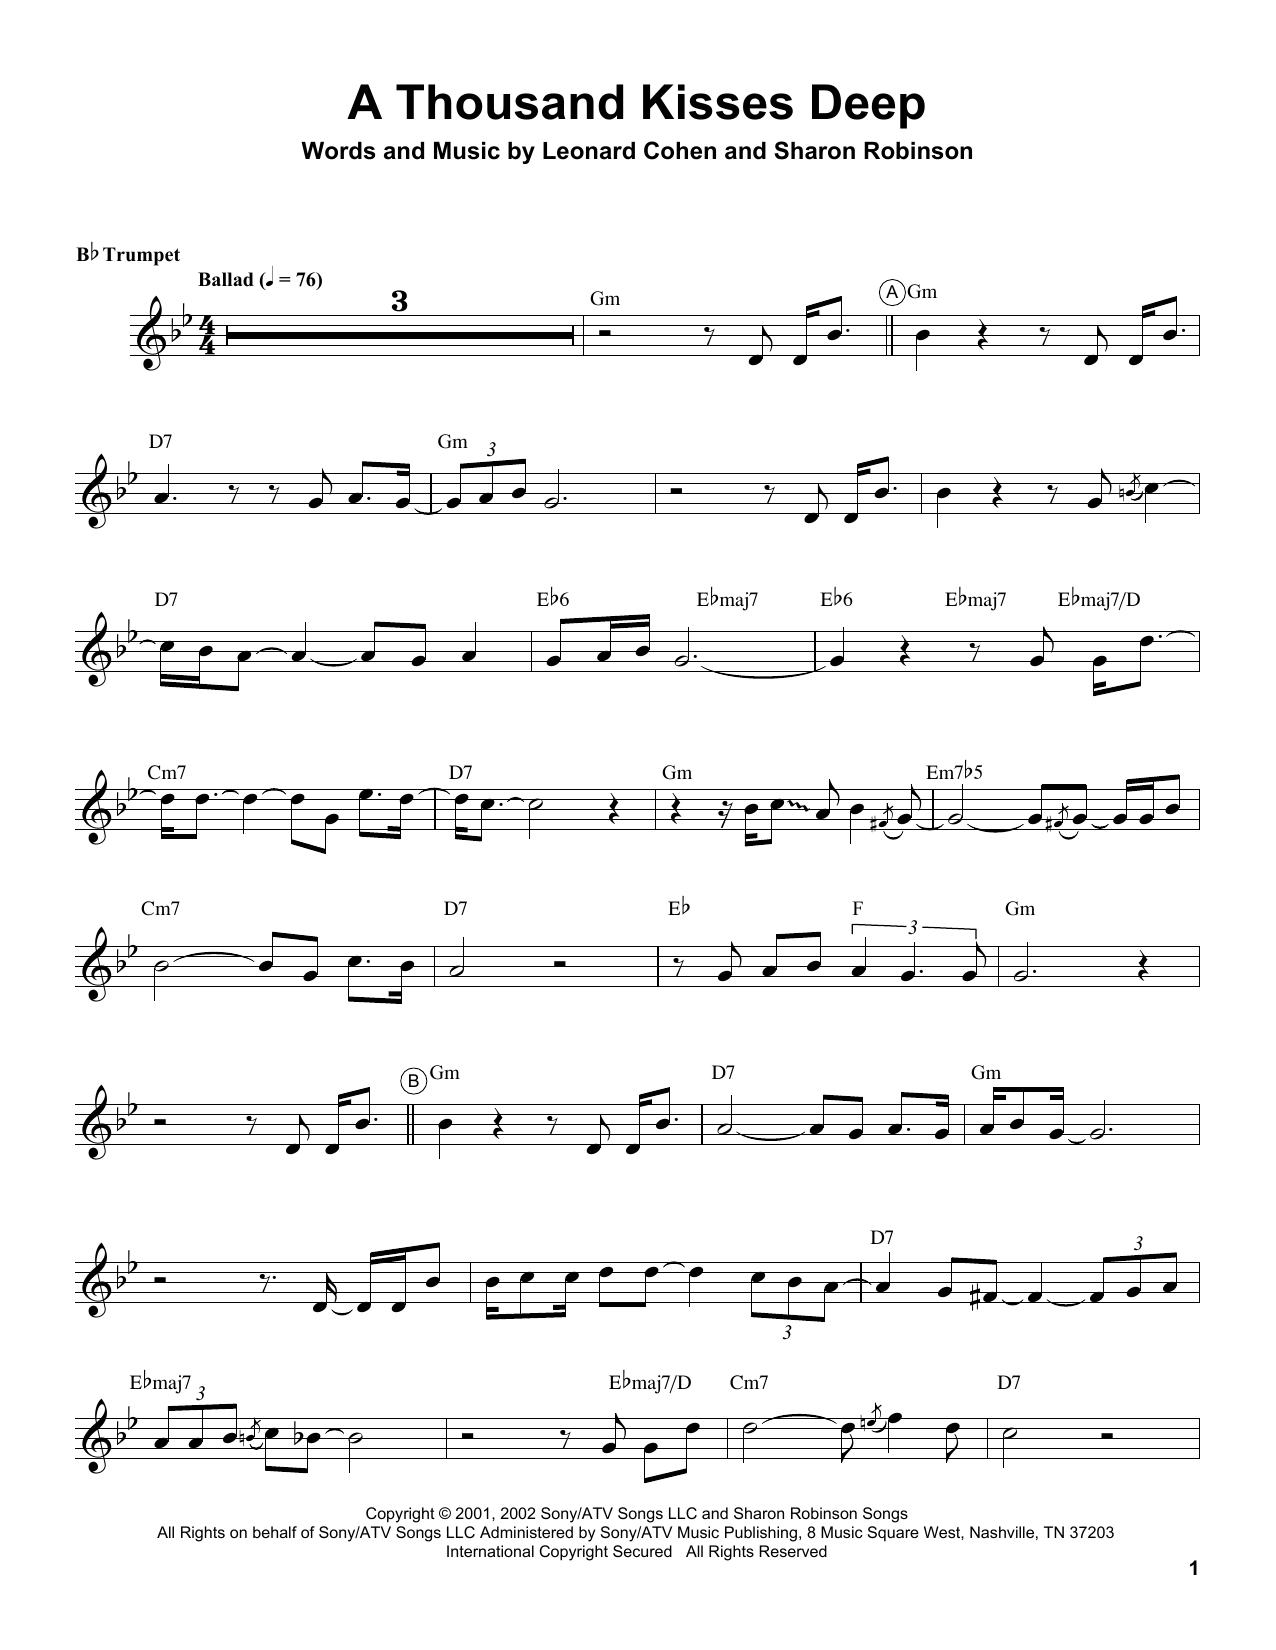 A Thousand Kisses Deep Sheet Music